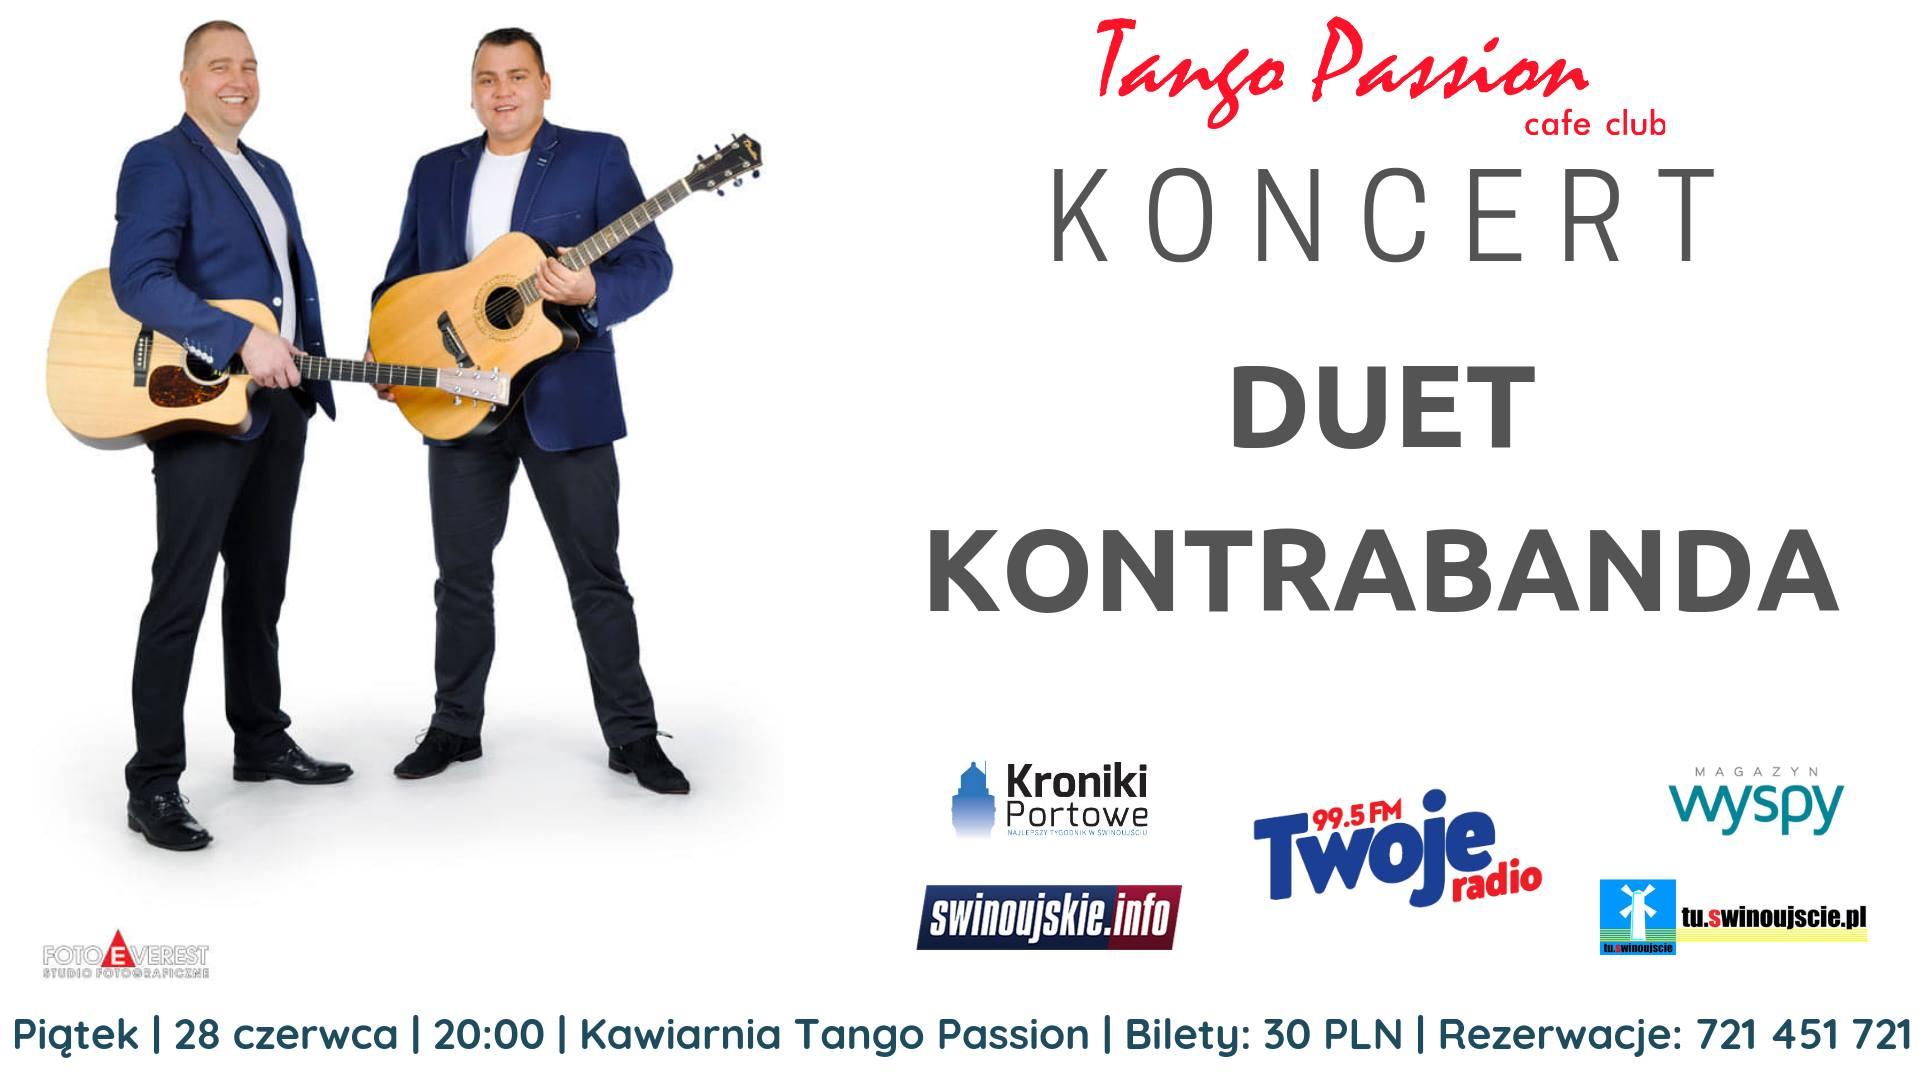 Świnoujście. Duet Kontrabanda – koncert w Kawiarni Tango Passion Cafe Club